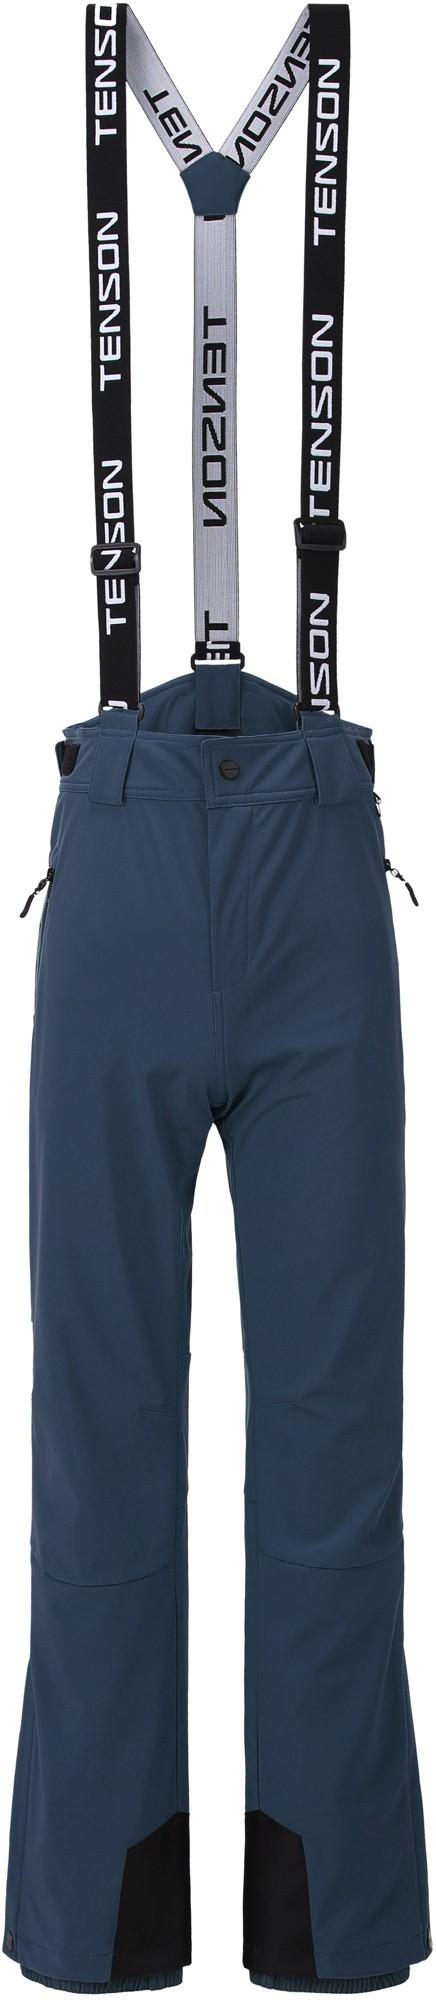 Spodnie softshellowe mêskie Tenson Cygnus, granatowe